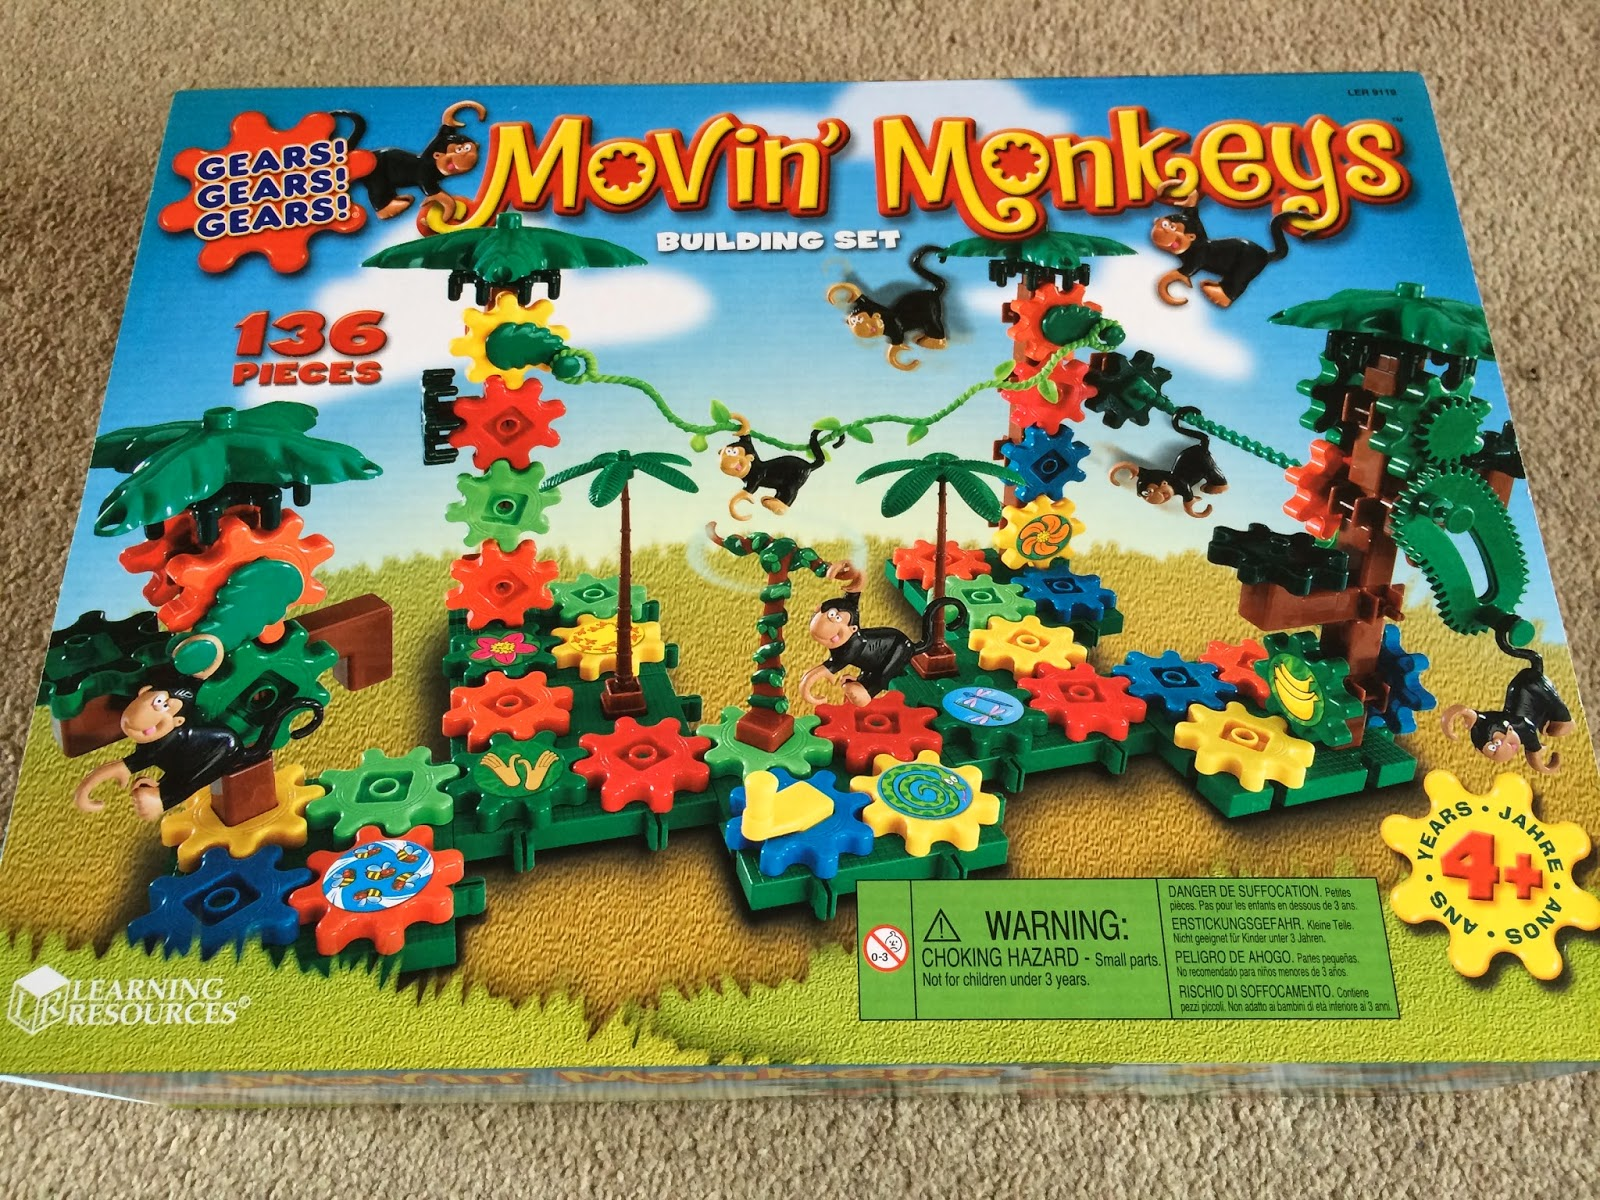 Gears! Gears! Gears! Movin' Monkeys™